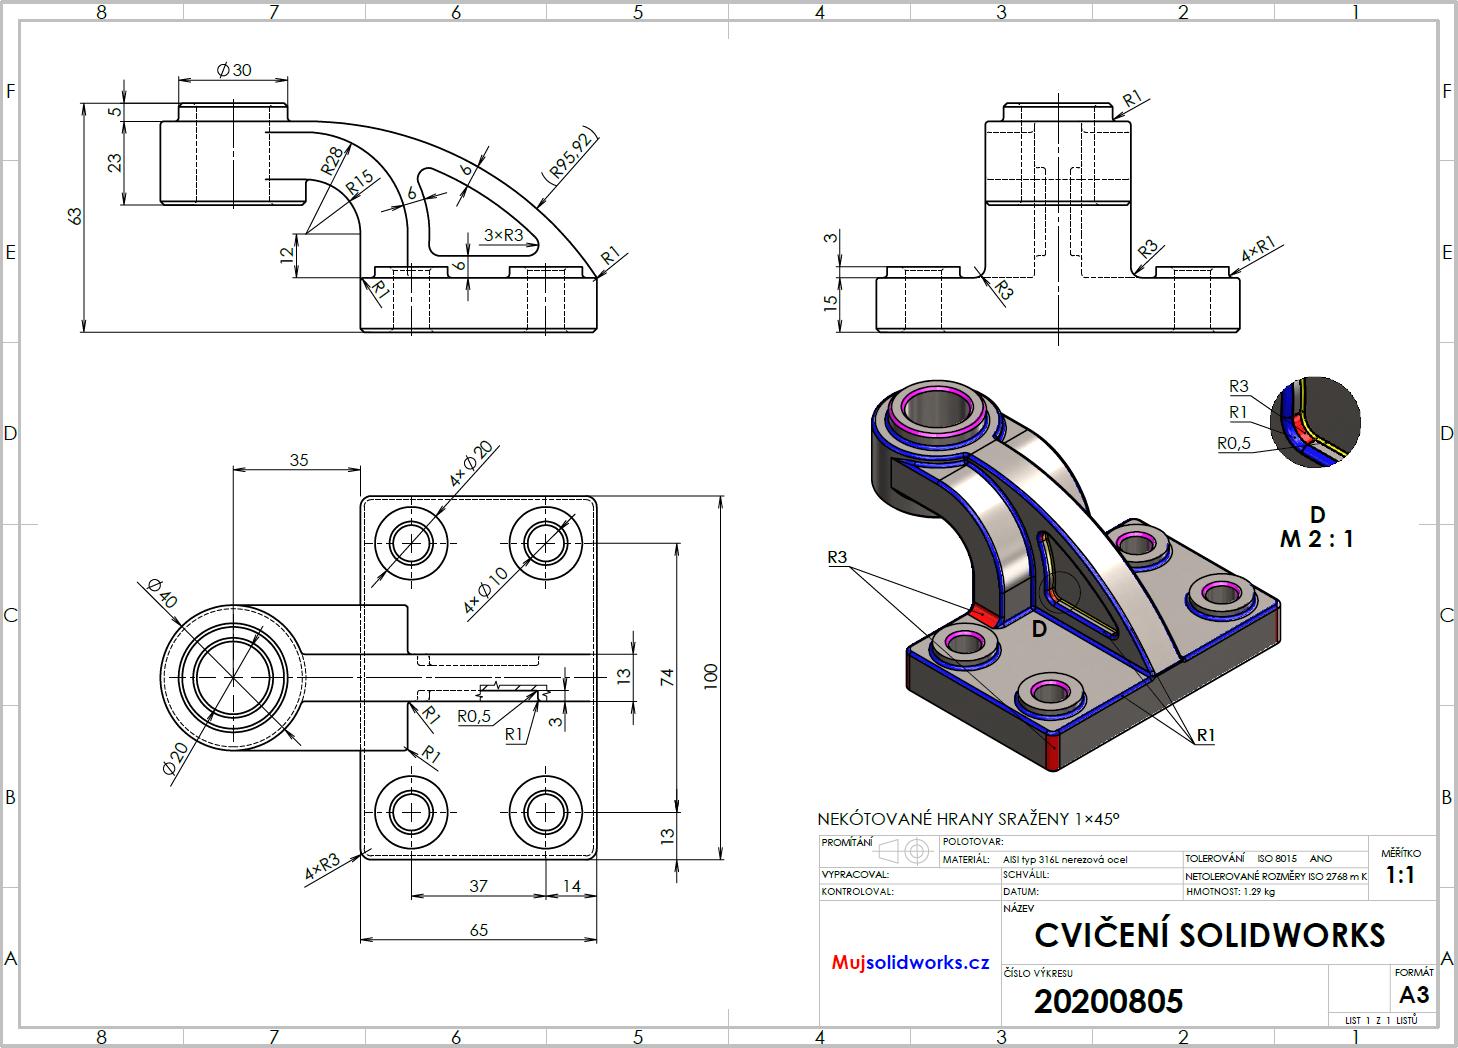 1-Mujsolidworks-tutorial-postup-navod-cviceni-ucime-se-SolidWorks-begginer